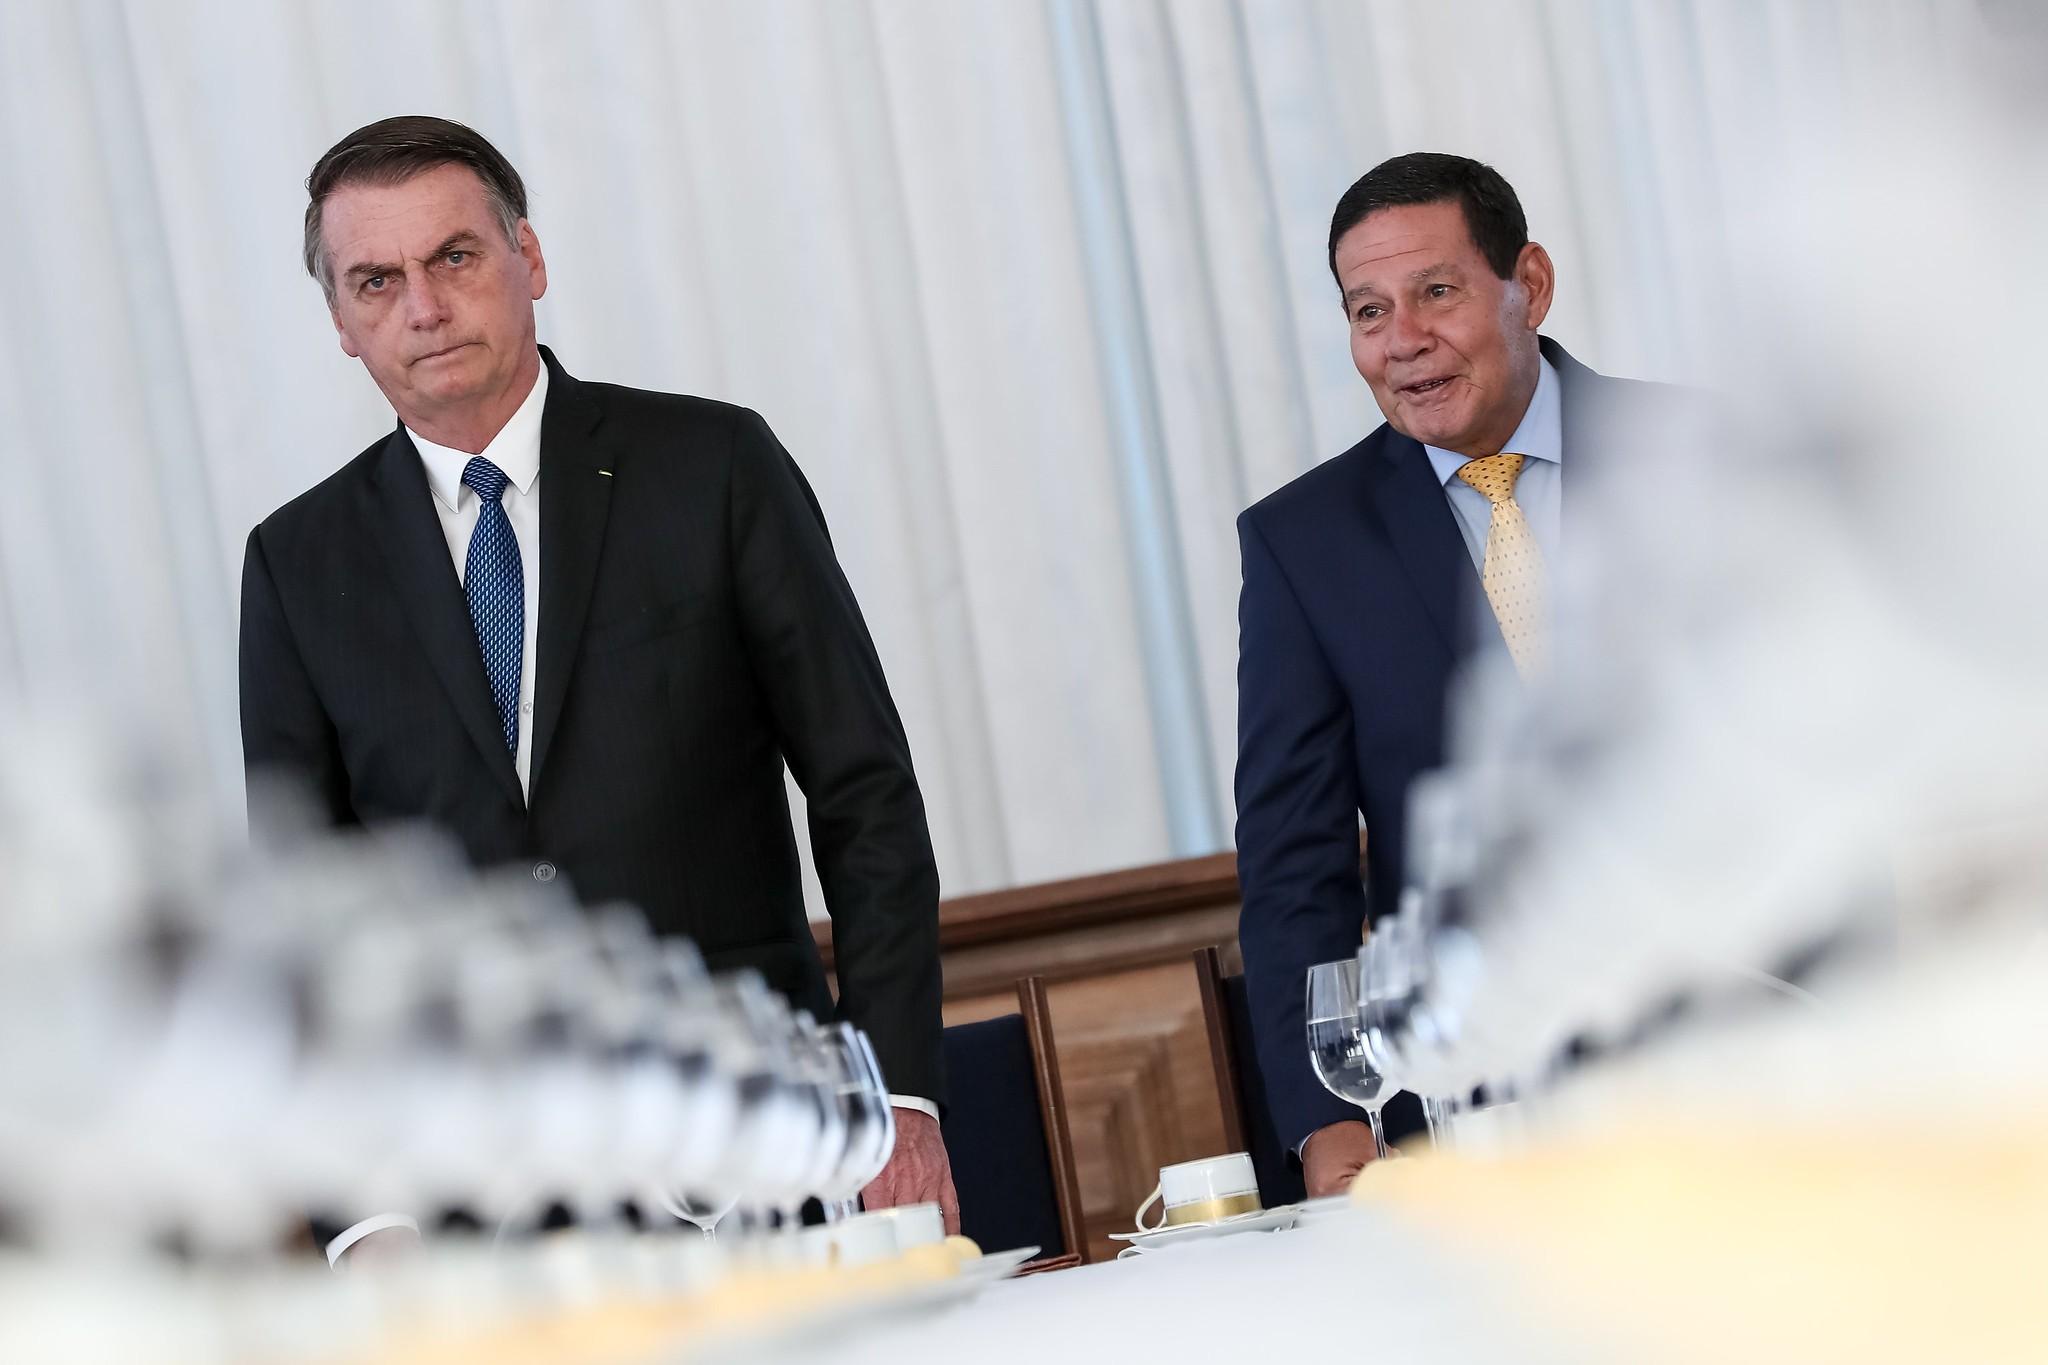 Bolsonaro diz que Mourão 'por vezes atrapalha', mas 'tem que aturar'